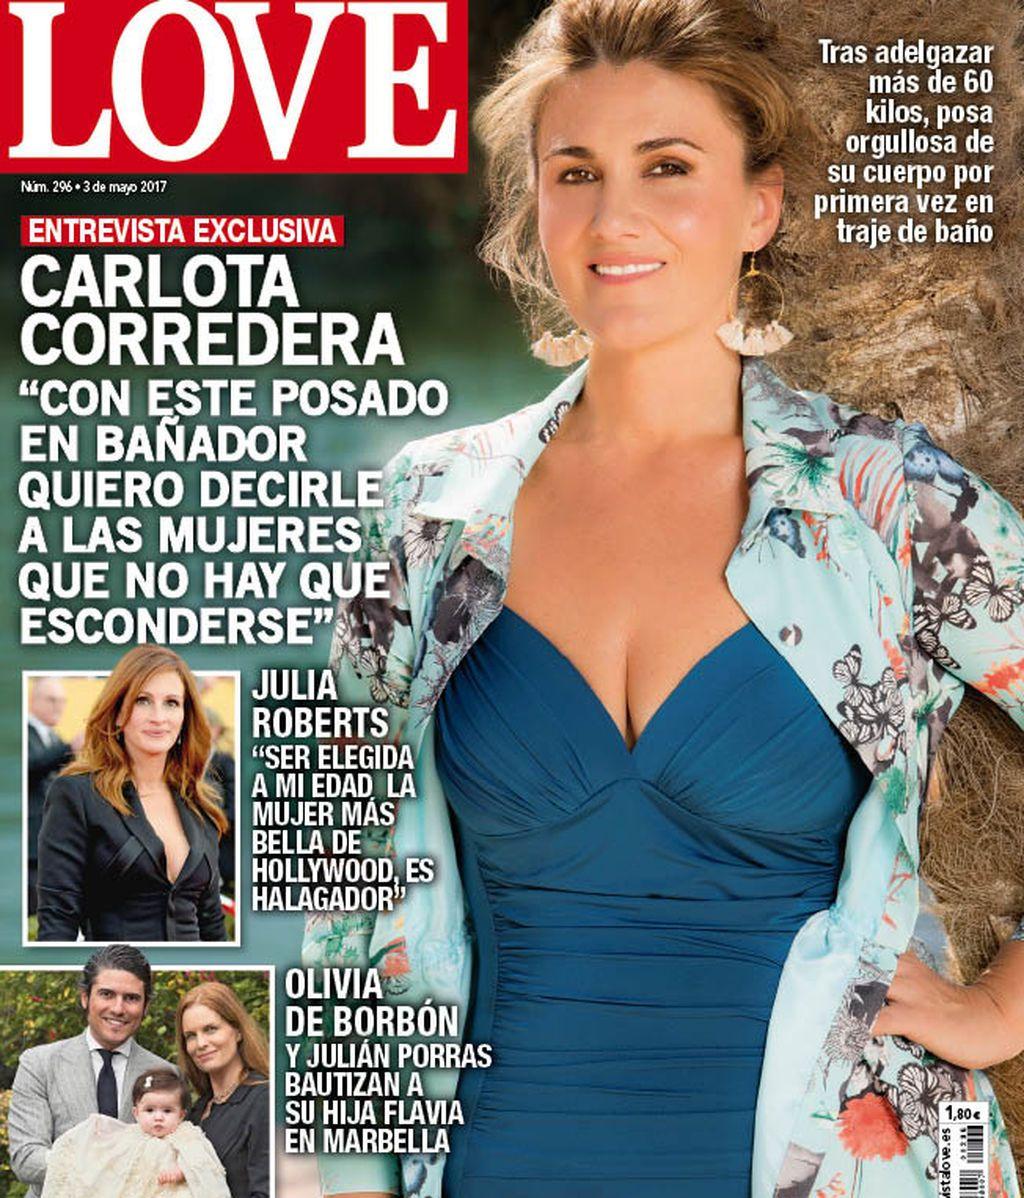 Carlota Corredera posa en bañador para la portada de una conocida revista